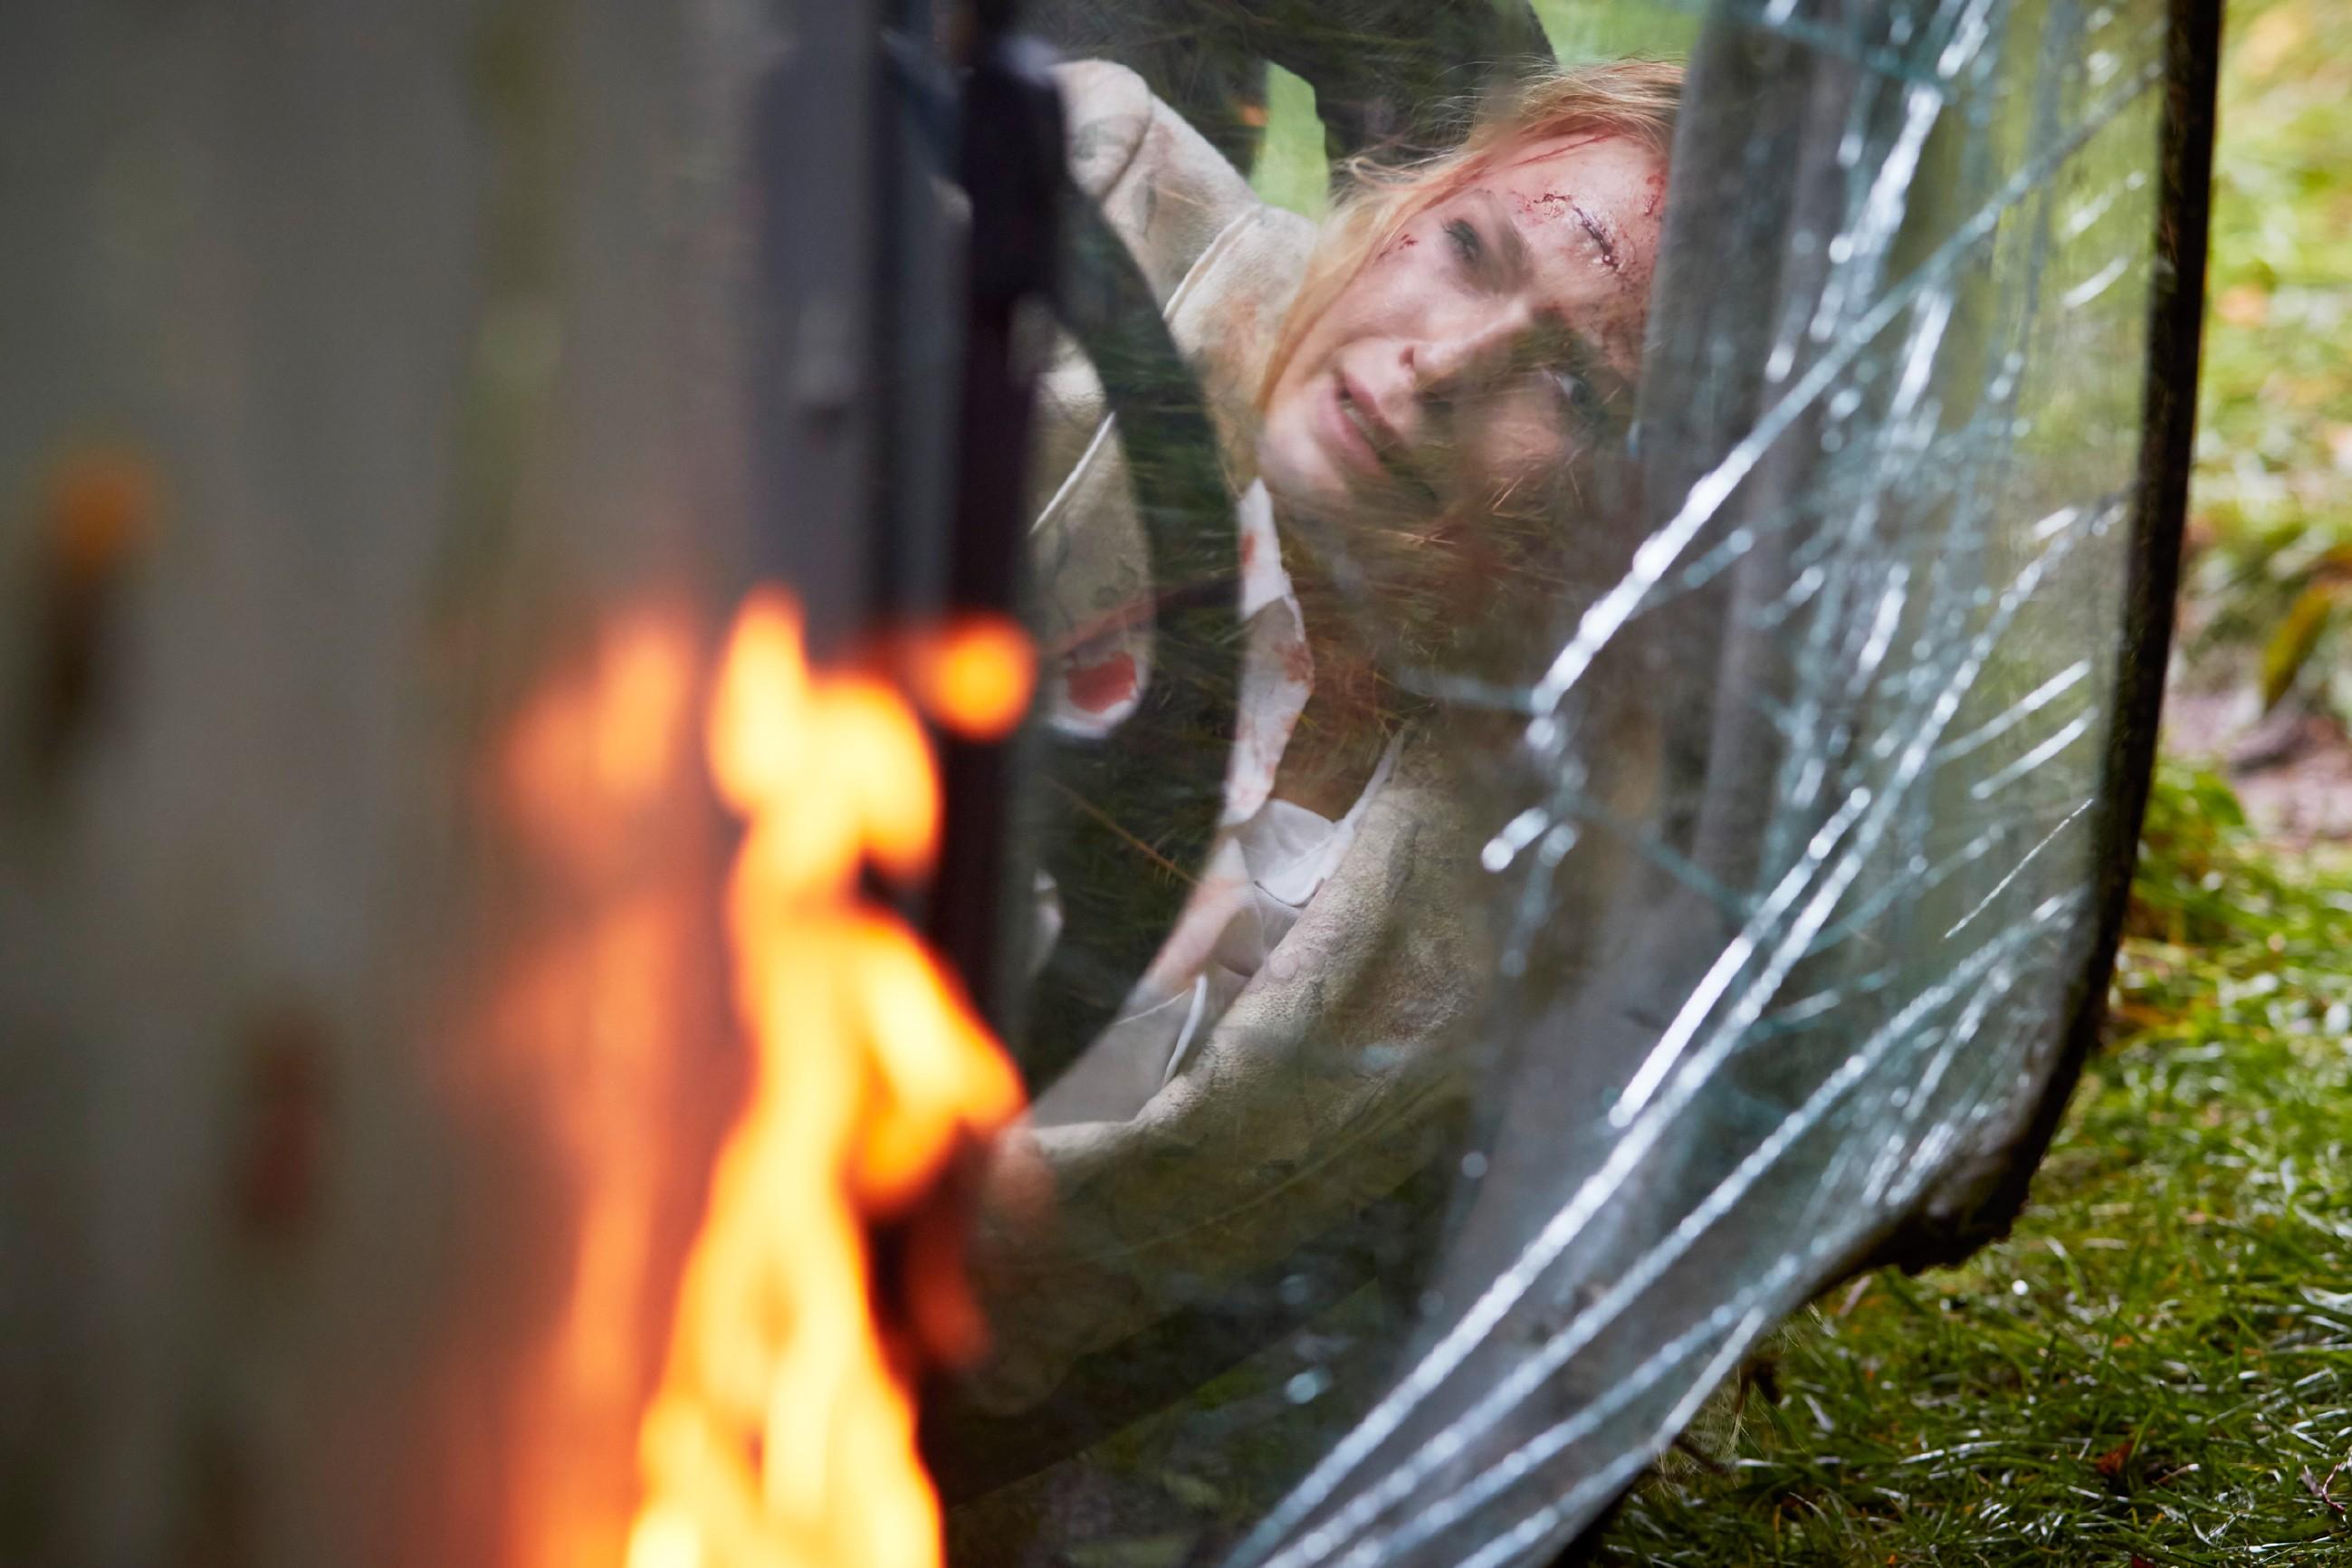 Rückblende: Veit wird von seinen Erinnerungen heimgesucht und durchlebt erneut den schweren Unfall, bei dem er seine Freundin Emma (Jeanne Goursaud) nicht aus dem brennenden Wagen retten konnte... (Quelle: RTL / Guido Engels)